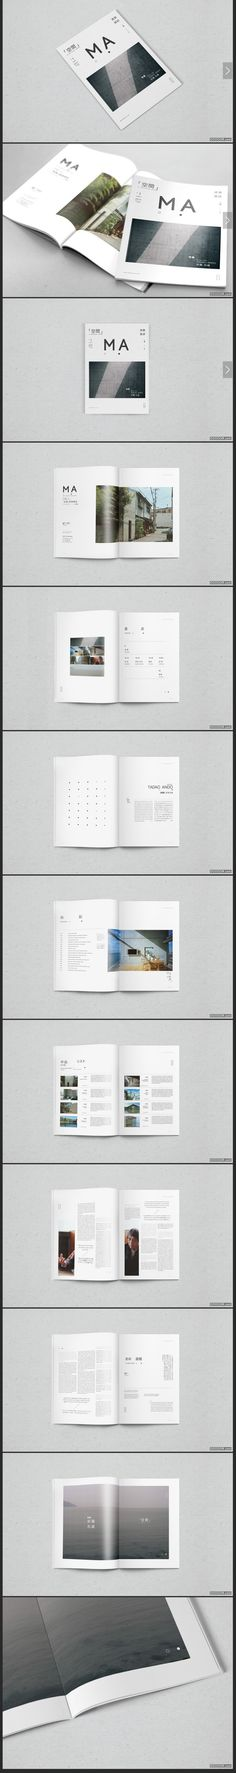 画册 版面 建筑 平面设计 欣赏 平面 ...@云素材图库采集到画册 折页(277图)_花瓣